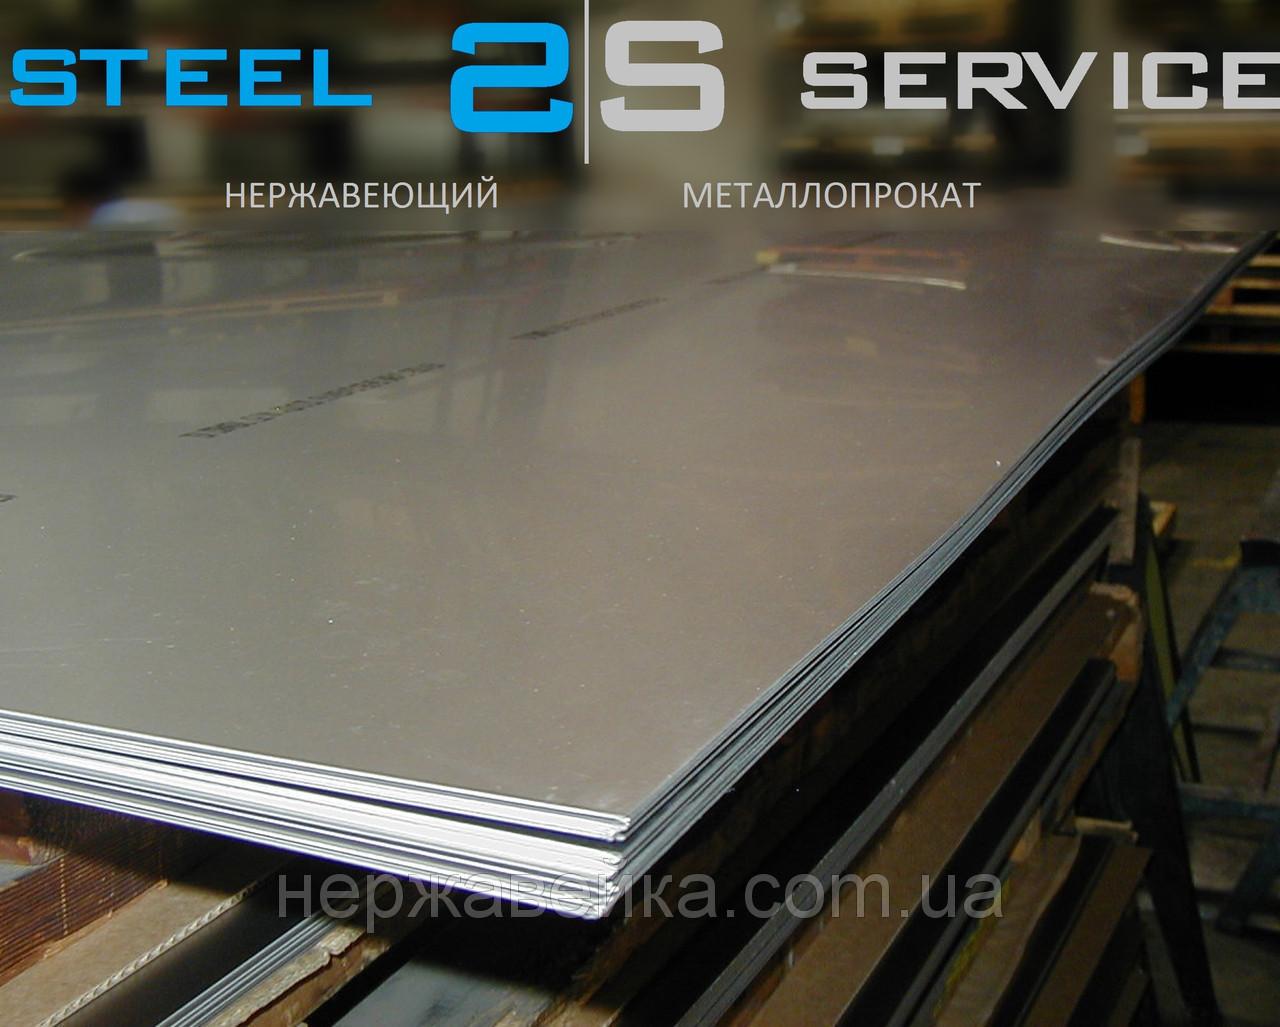 Нержавеющий лист 30х1500х3000мм  AISI 309(20Х23Н13, 20Х20Н14С2) F1 - горячекатанный,  жаропрочный